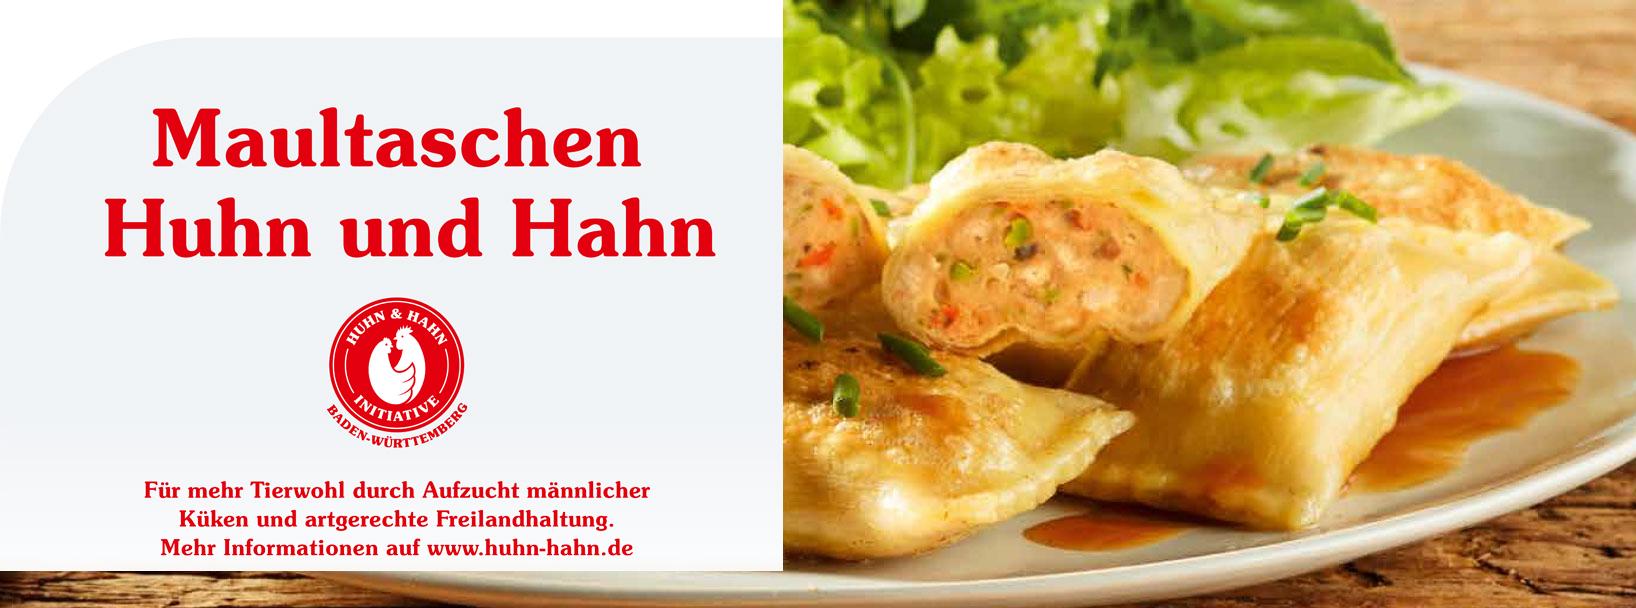 huhn-und-hahn